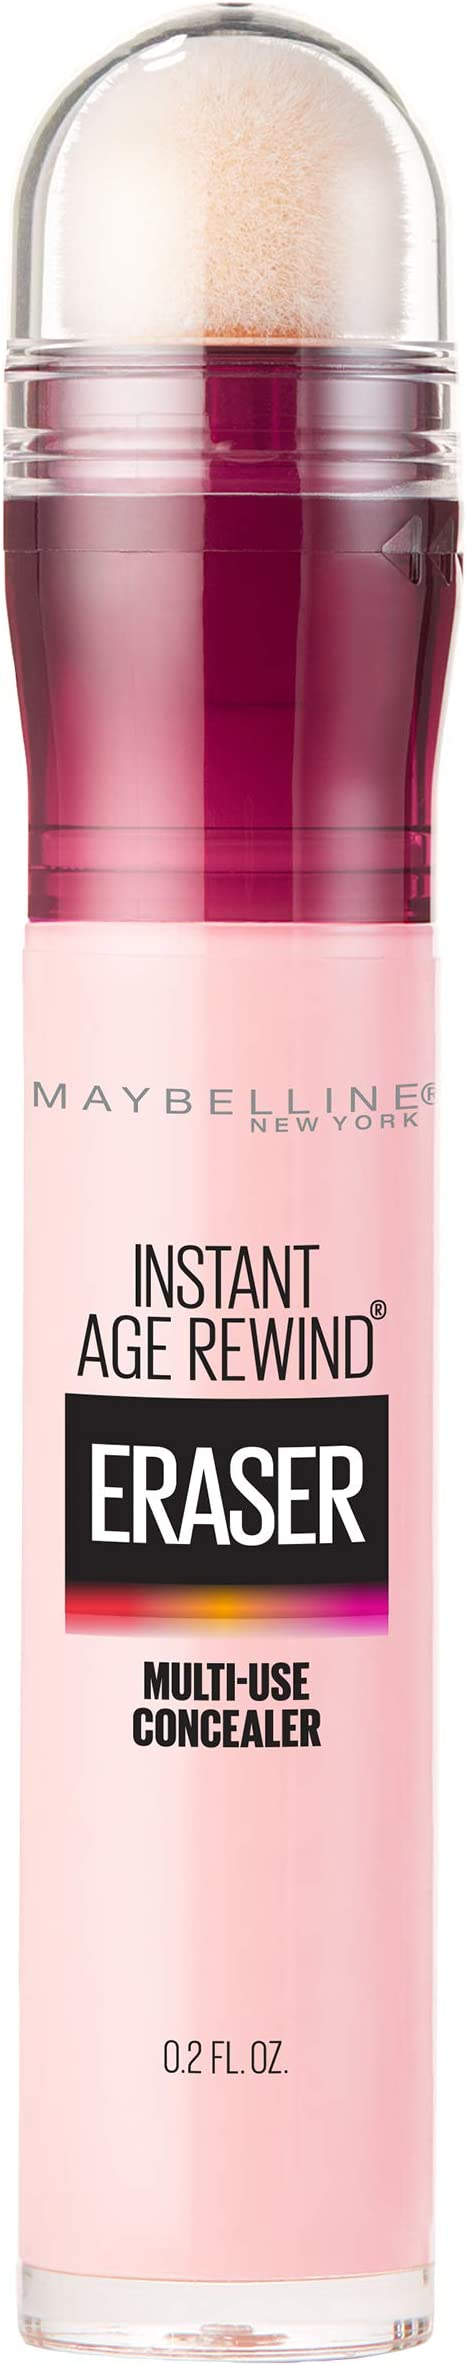 Maybelline Corrector de Maquillaje Instant Age Rewind Brightener, 6 ml: Amazon.com.mx: Salud y Cuidado Personal